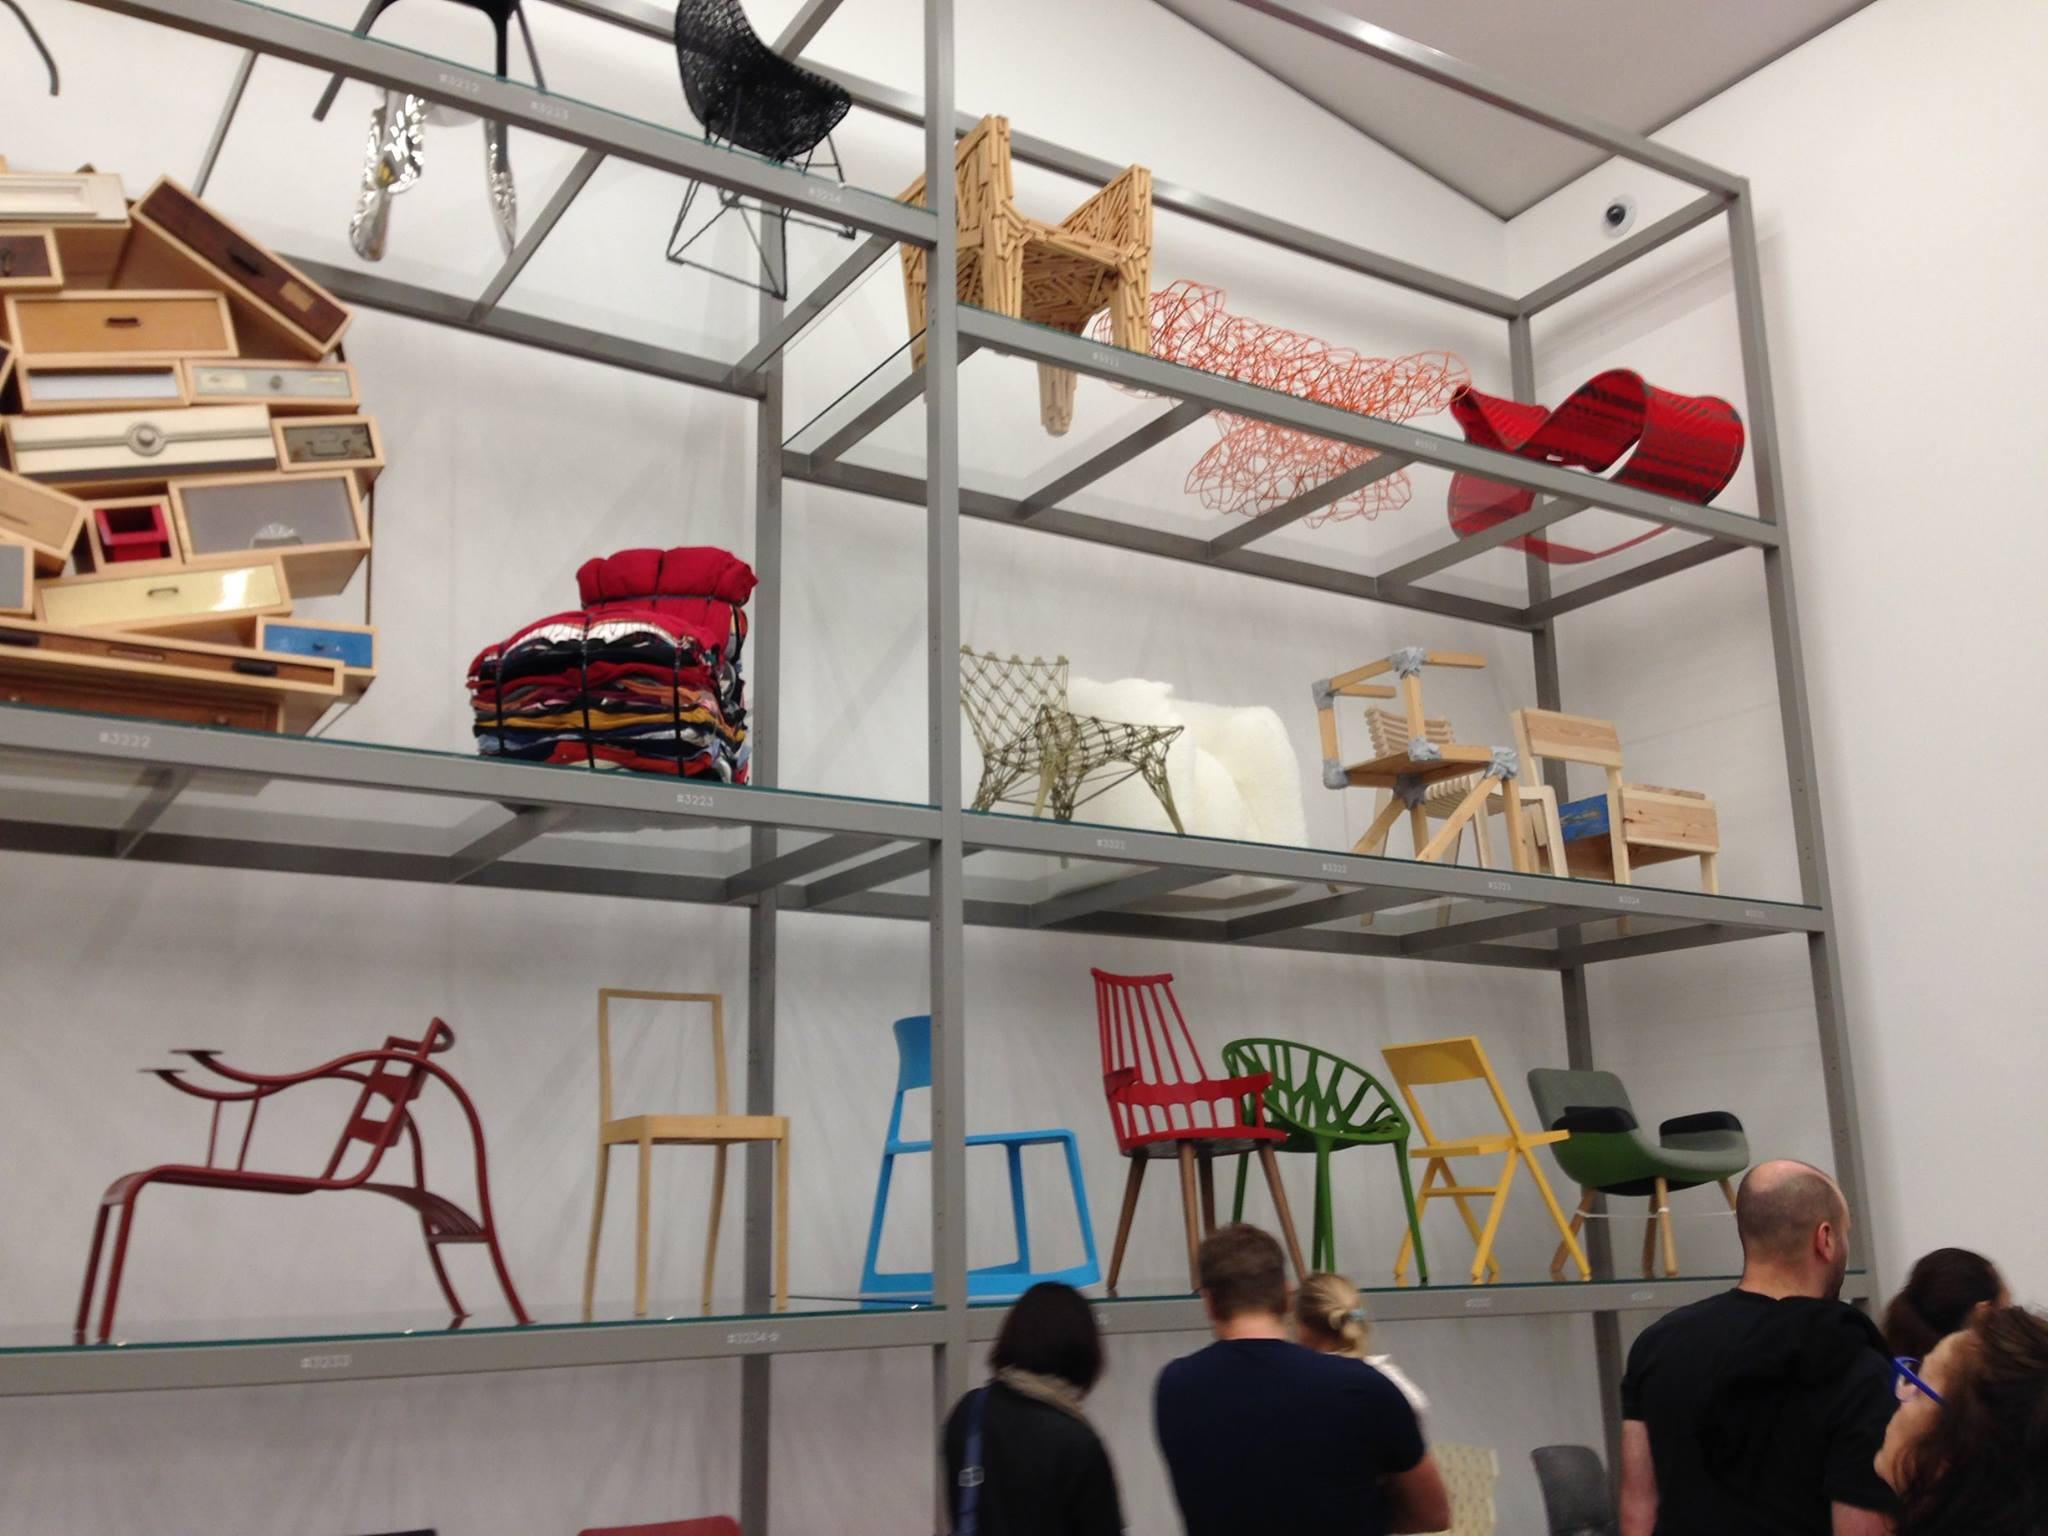 Vitra Im Design Museum Cucula Cucula fgyY76bv